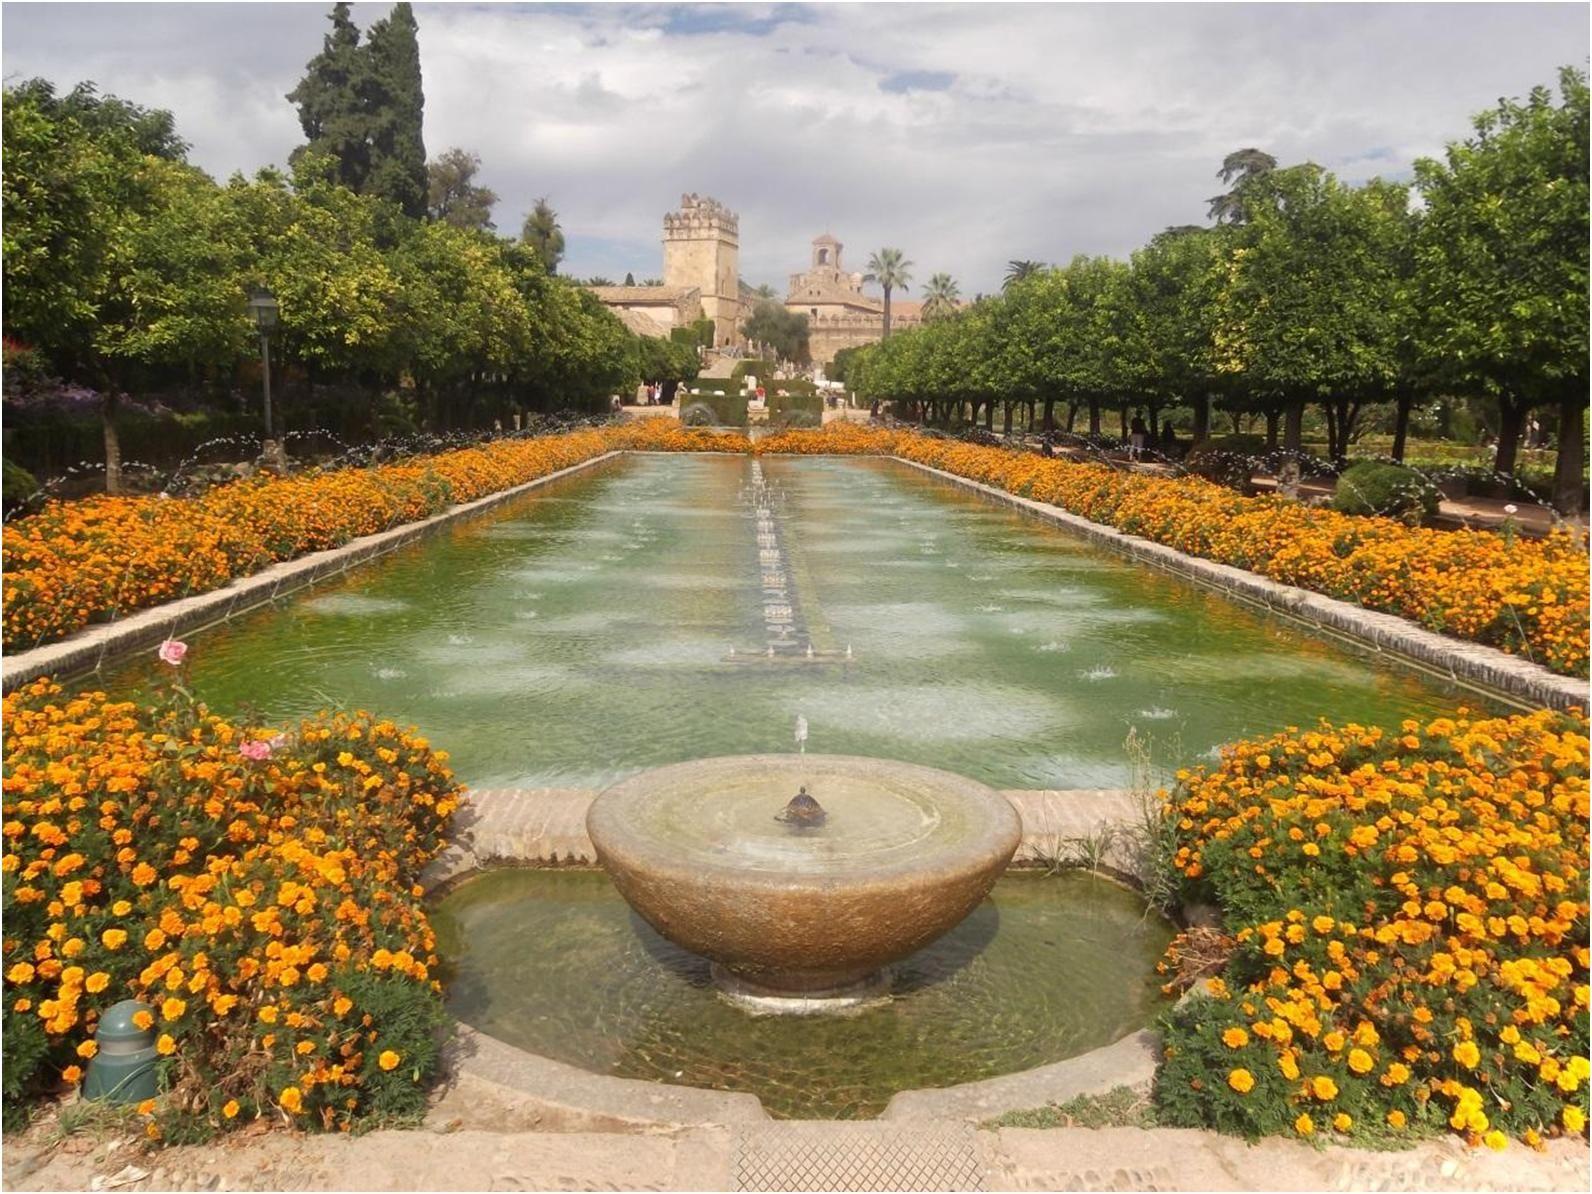 حديقة قصر قرطبة Spain Marbella Malaga Andalusia